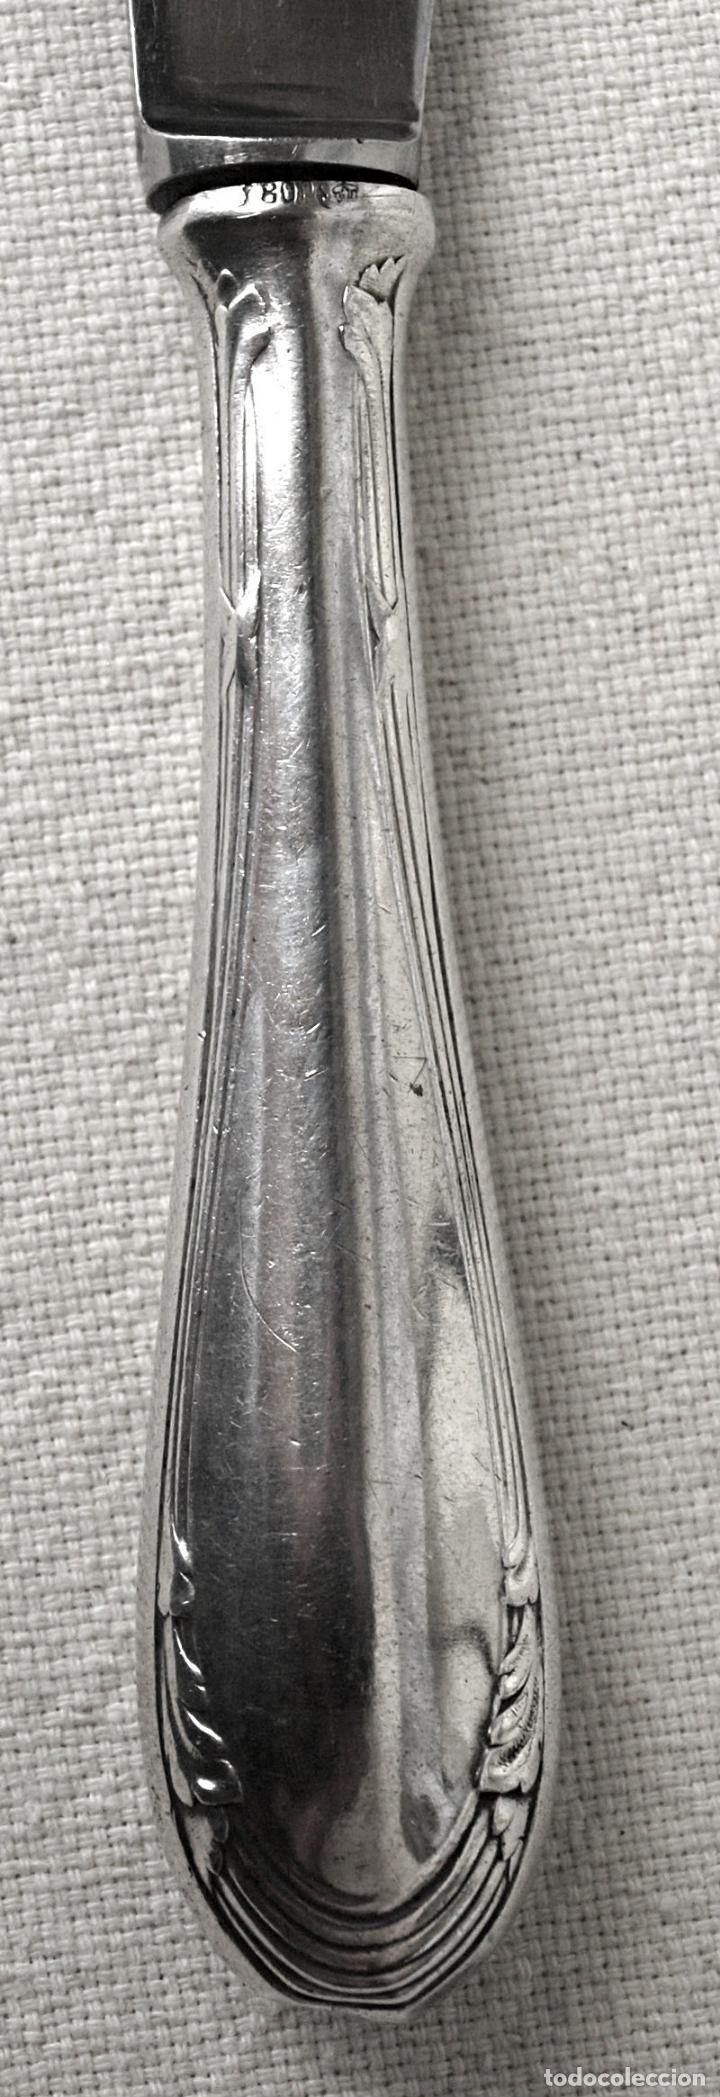 Antigüedades: CUCHILLO CON MANGO DE PLATA DE LEY 800 CONTRASTADA. 25 CM LARGO. VER FOTOS Y DESCRIPCION - Foto 7 - 169970396